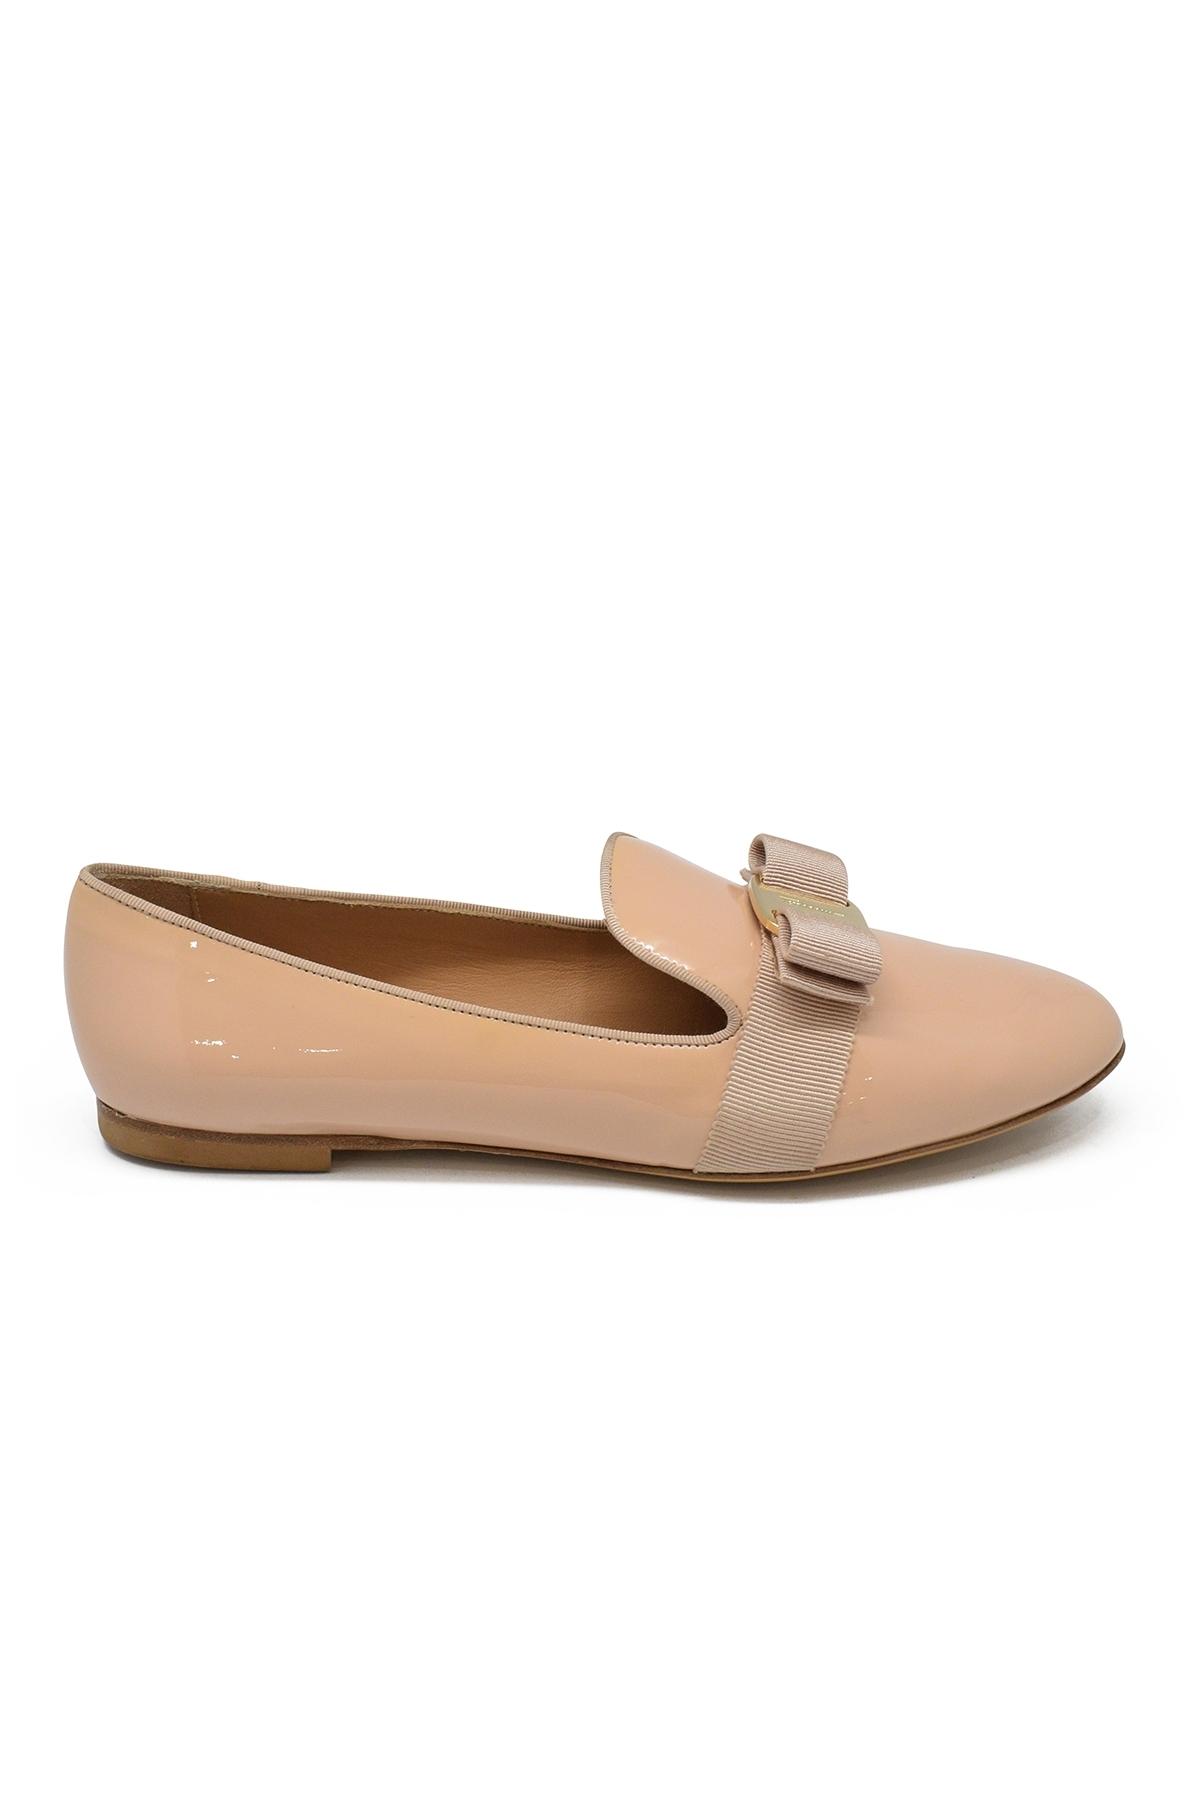 Salvatore Ferragamo Scotty loafers